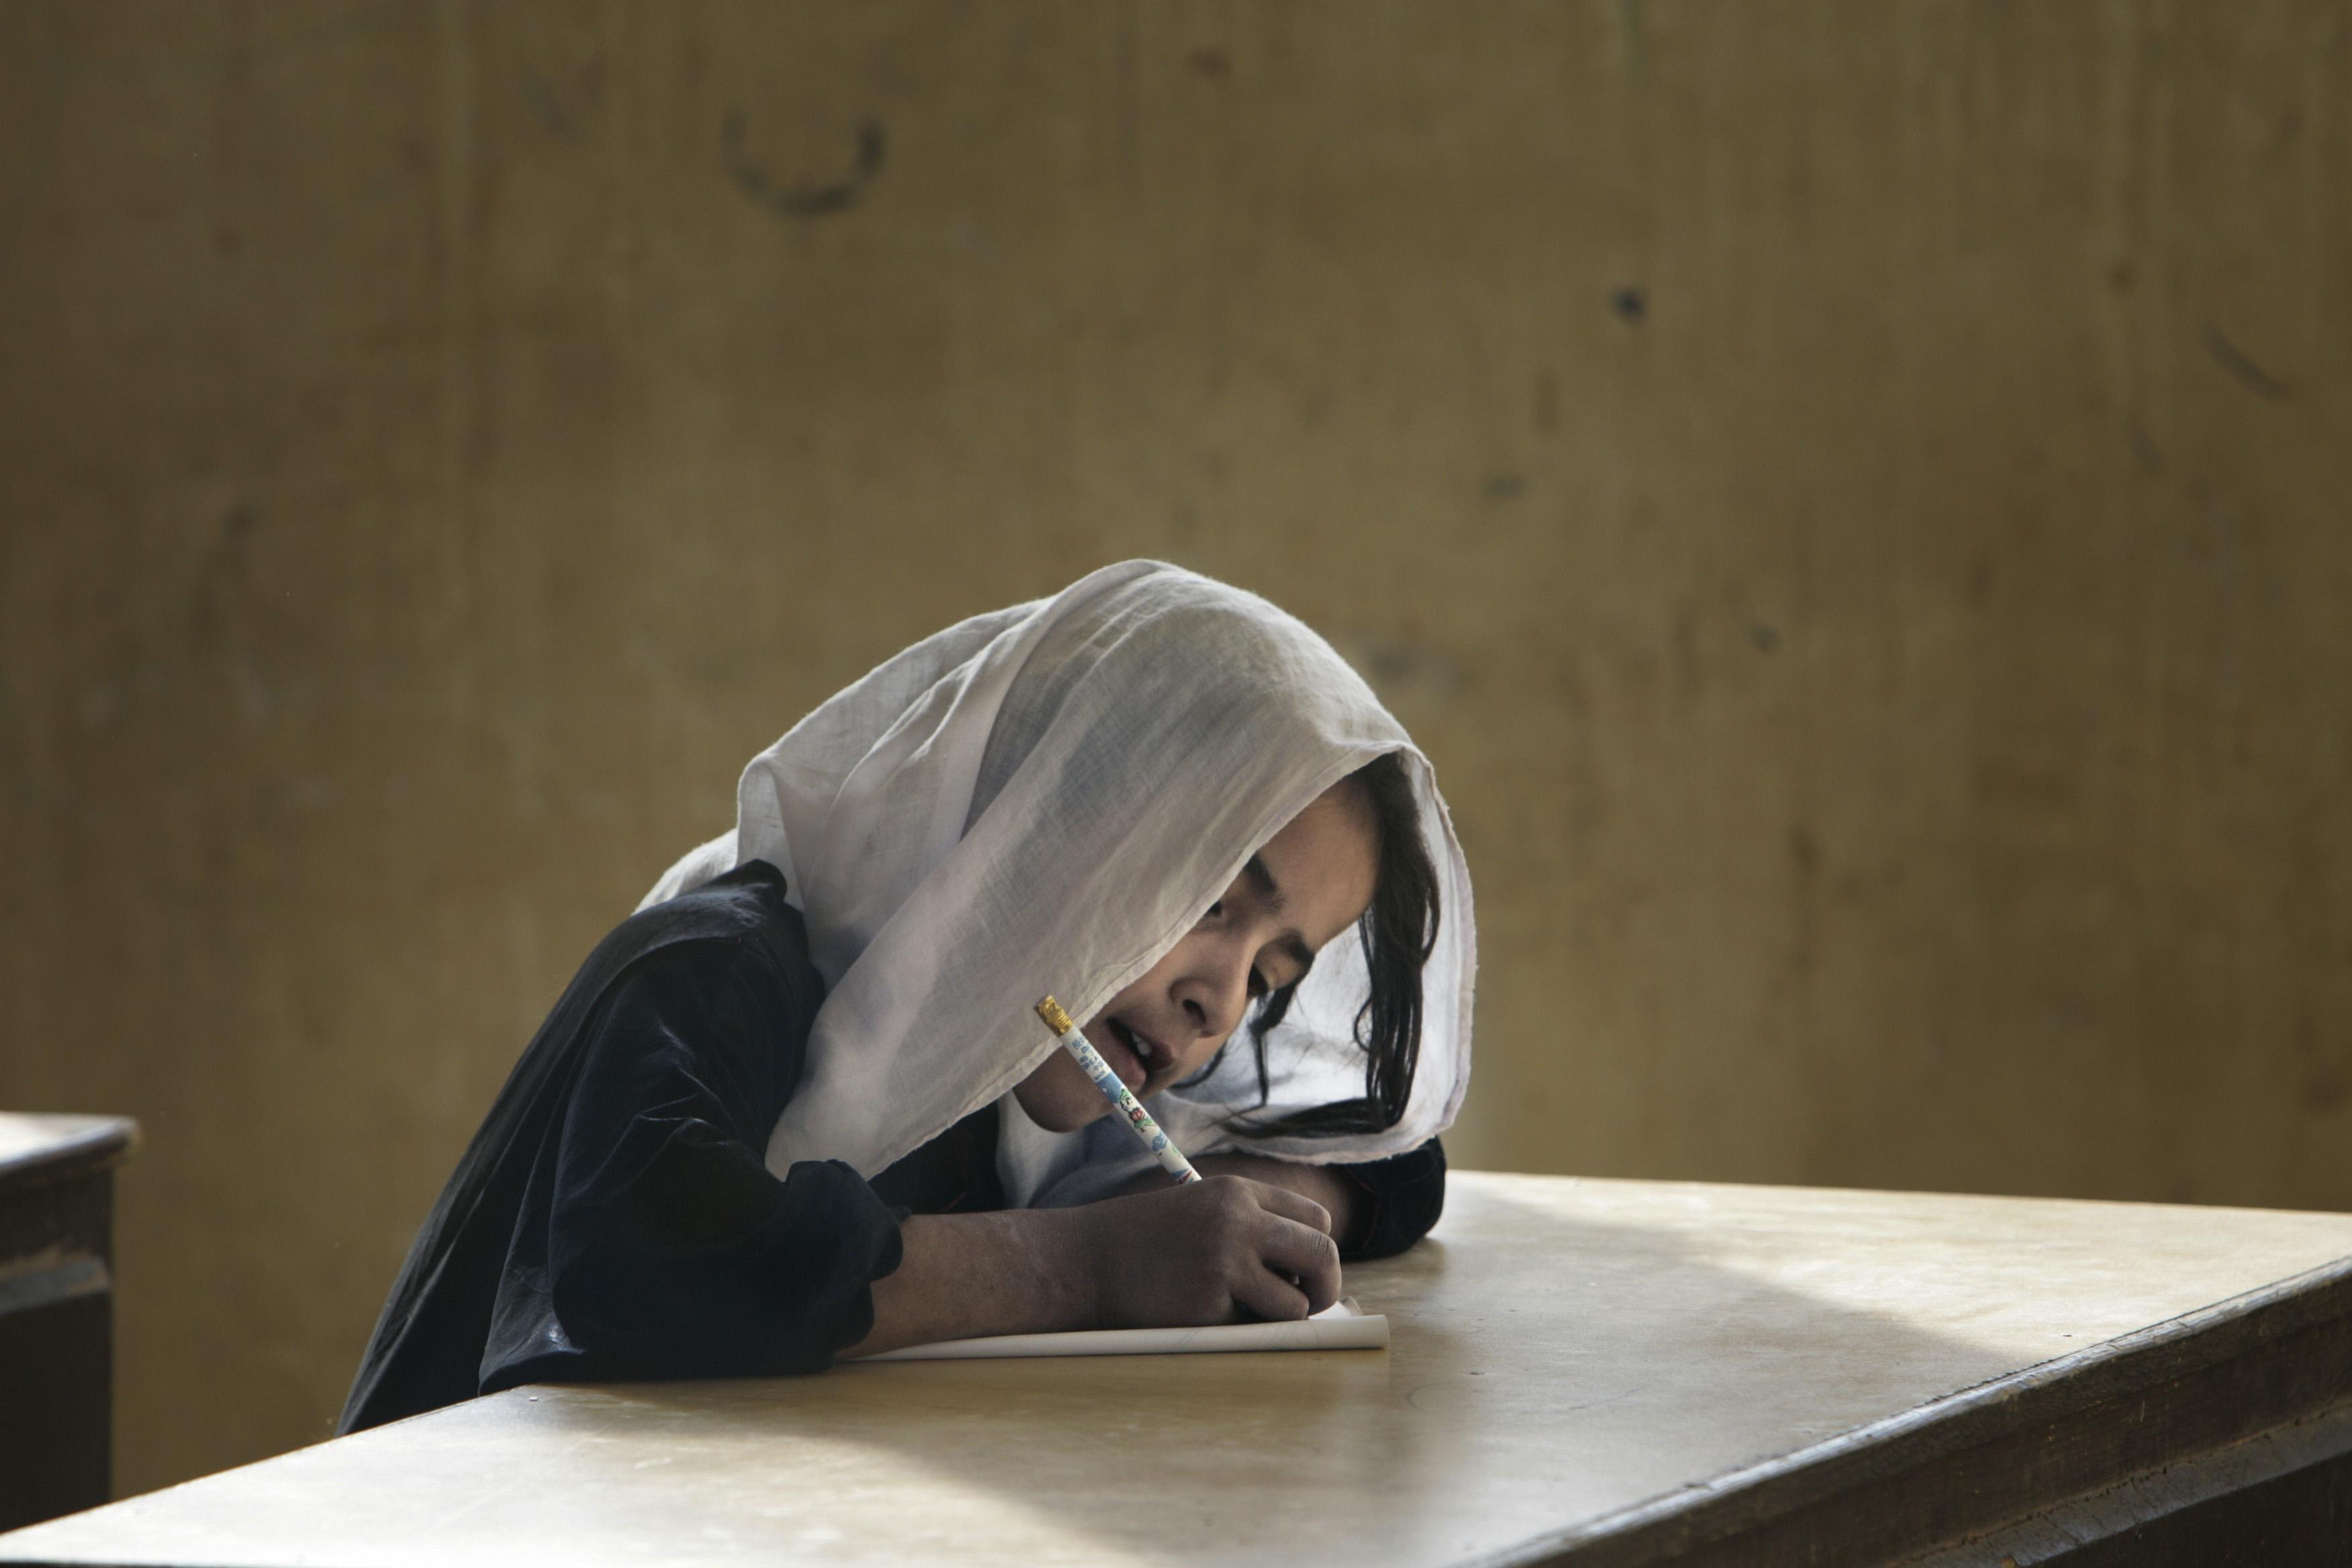 Il ne reste qu'une seule école pour filles dans toute la région du Helmand. La directrice est régulièrement menacée mais elle continue à se battre pour offrir une éducation aux jeunes afgahes mais, jusqu'à quand?